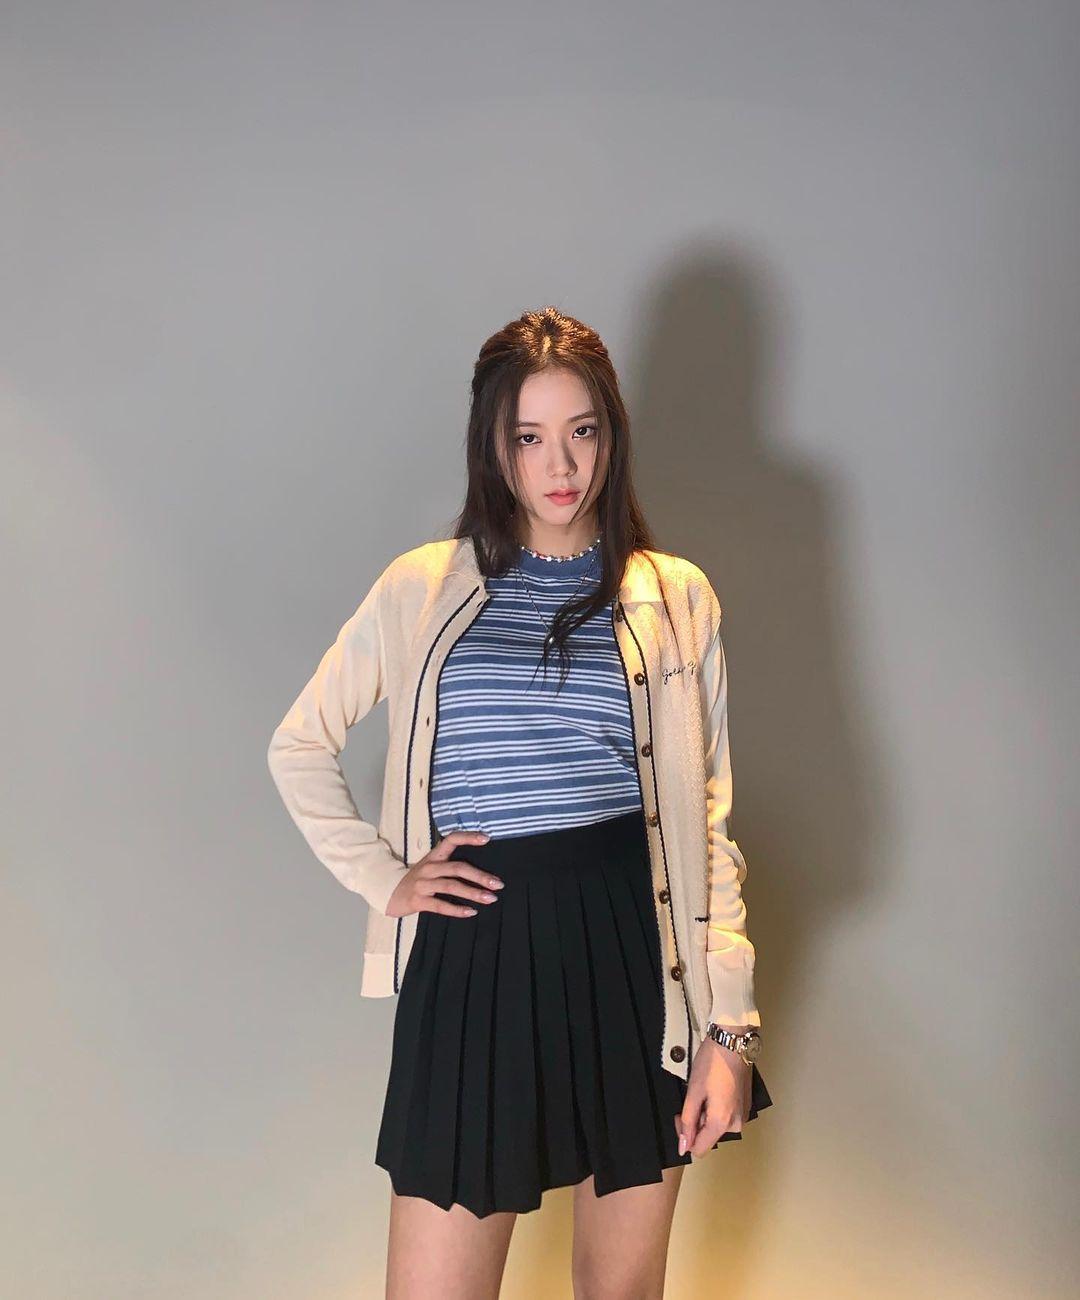 Mix & Phối - Jisoo rất hiếm khi mặc váy dài lượt thượt, nhìn ảnh so sánh vóc dáng cách biệt khi mặc váy ngắn - dài sẽ hiểu ngay lý do - chanvaydep.net 4